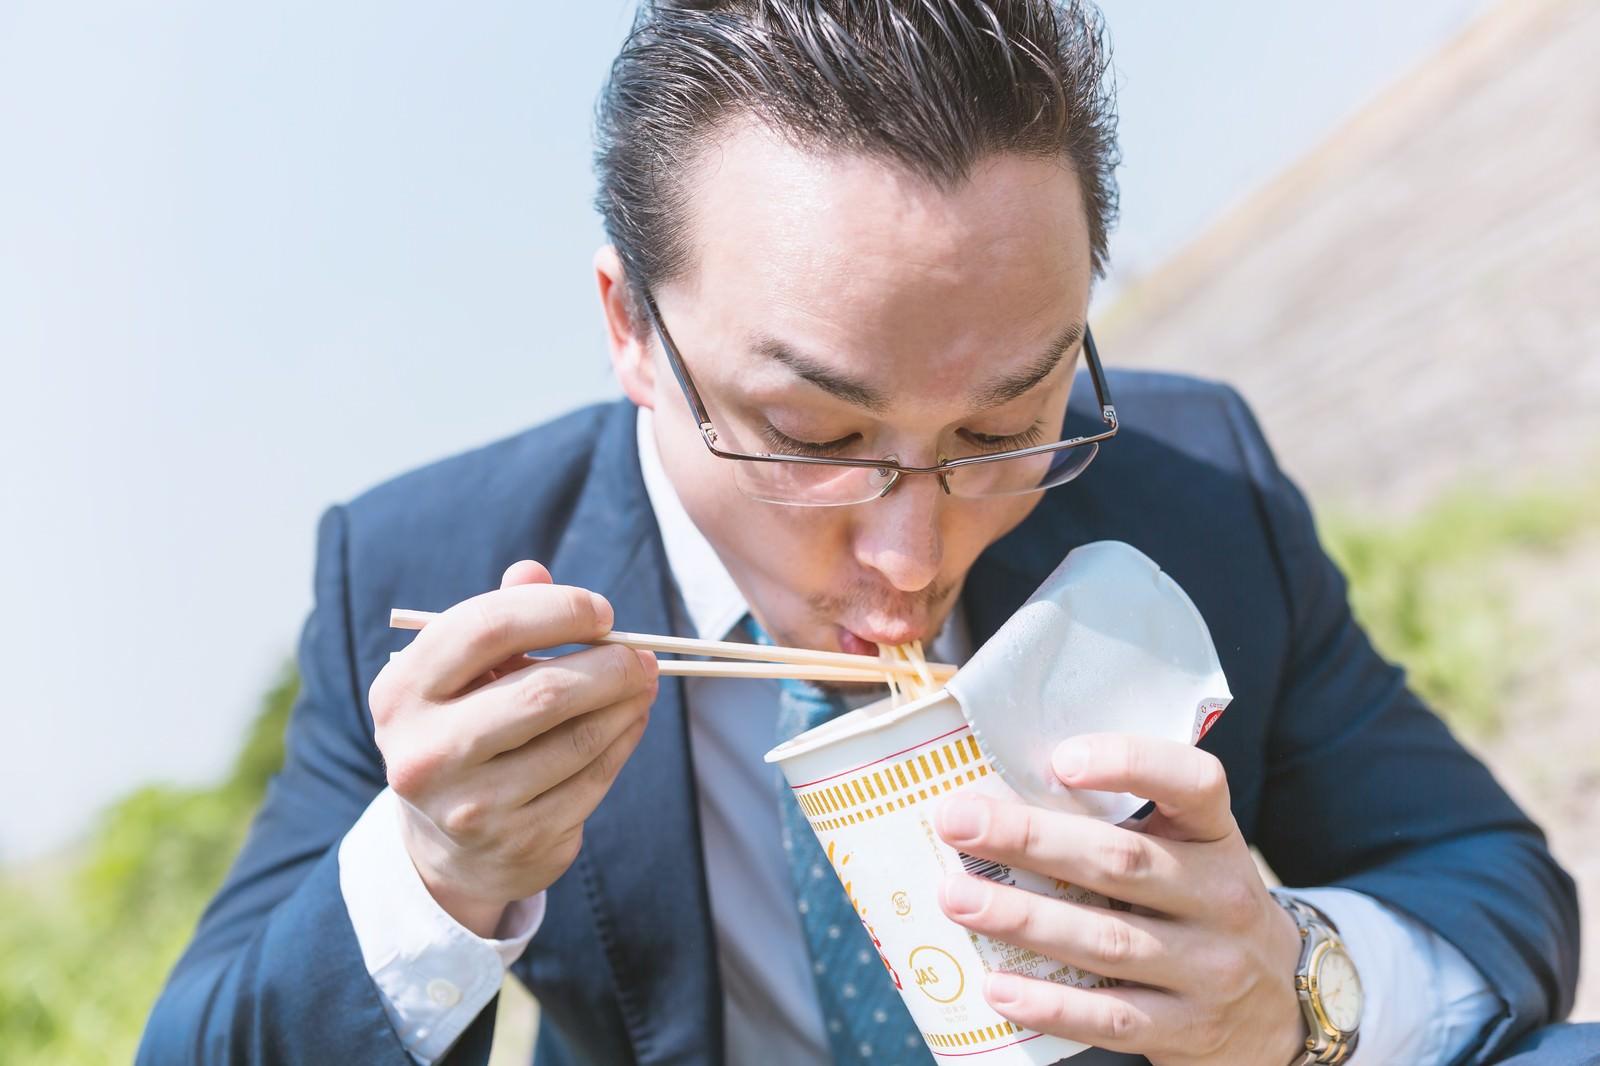 「カップラーメンをすすり食らうビジネスマン(ドイツ人ハーフ)」の写真[モデル:Max_Ezaki]